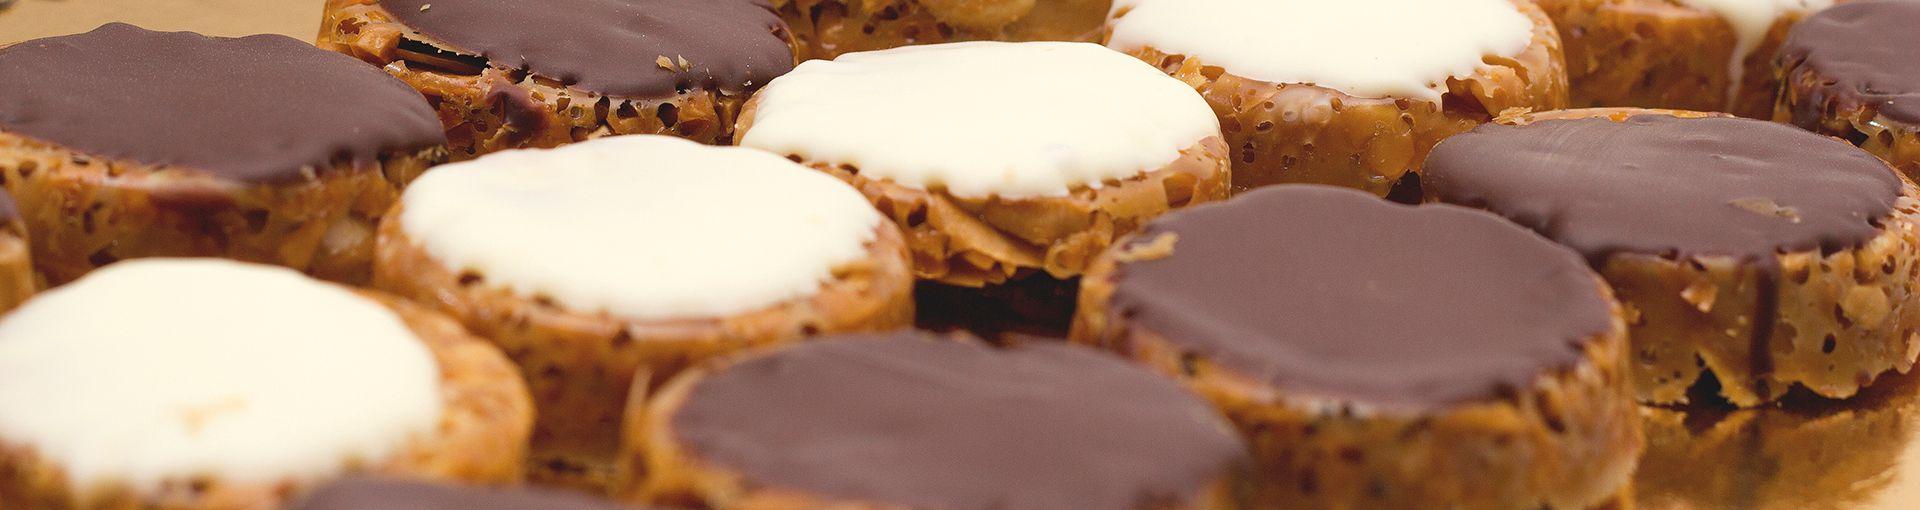 Florentinas pastas y especialidades de dulces Galicia